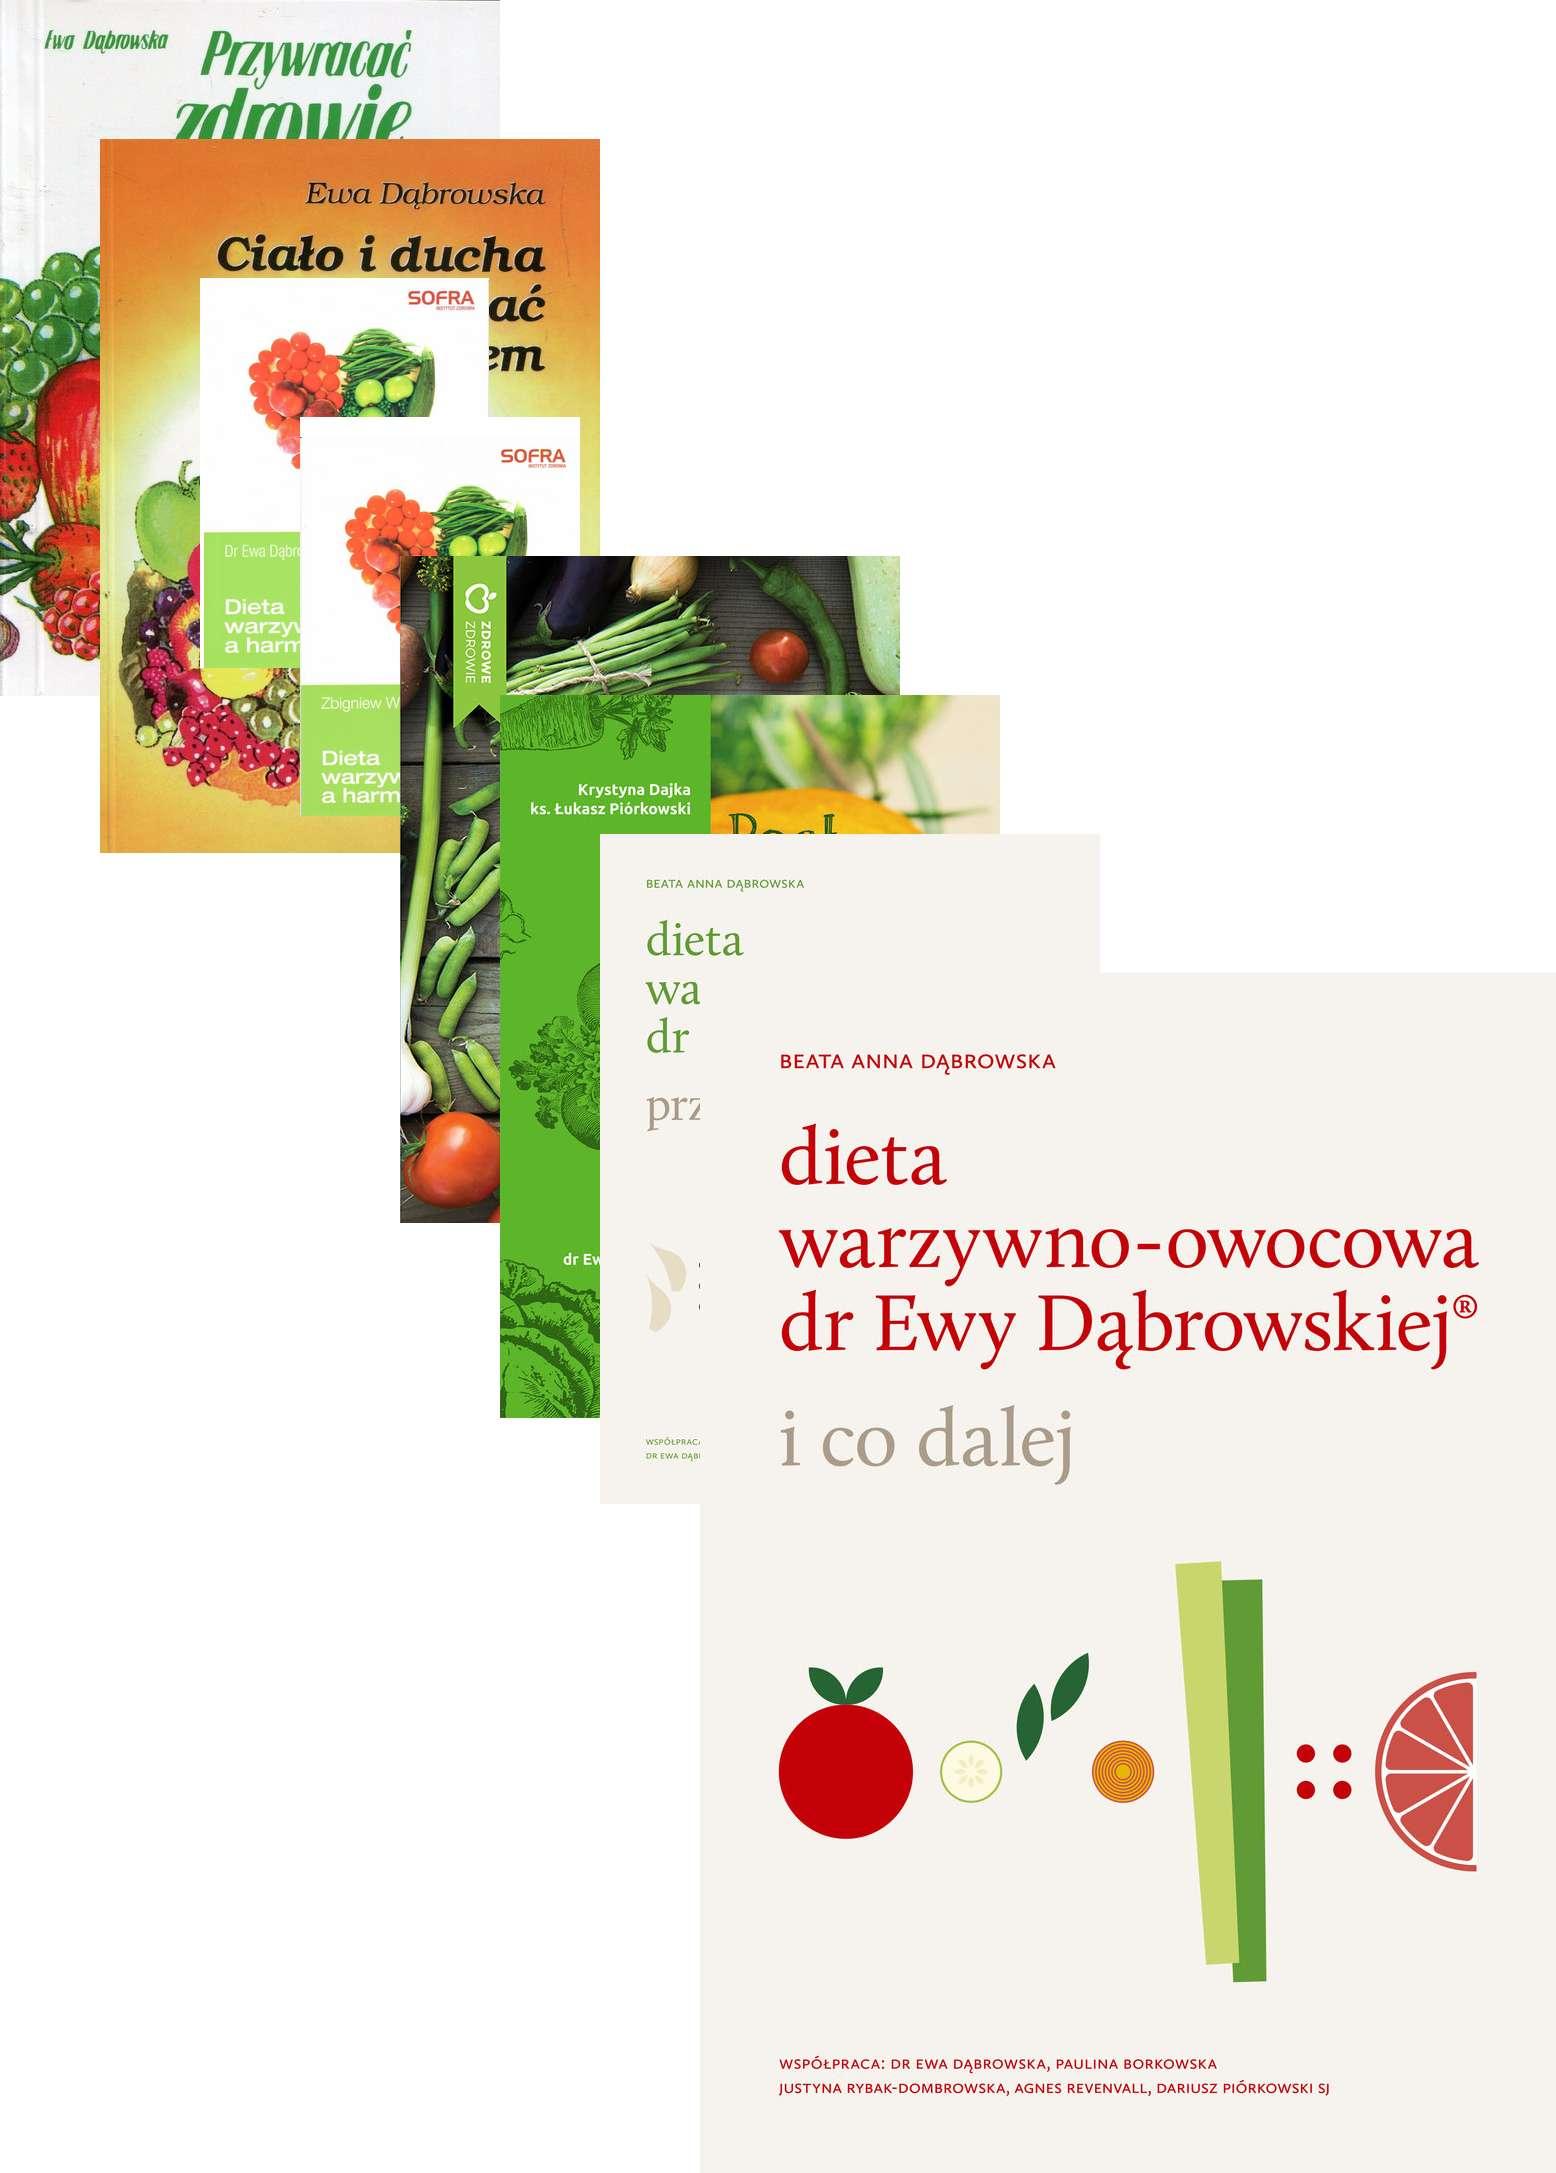 Zestaw 8x Dieta Warzywno Owocowa Dr Ewy Dabrowskiej A Harmonia